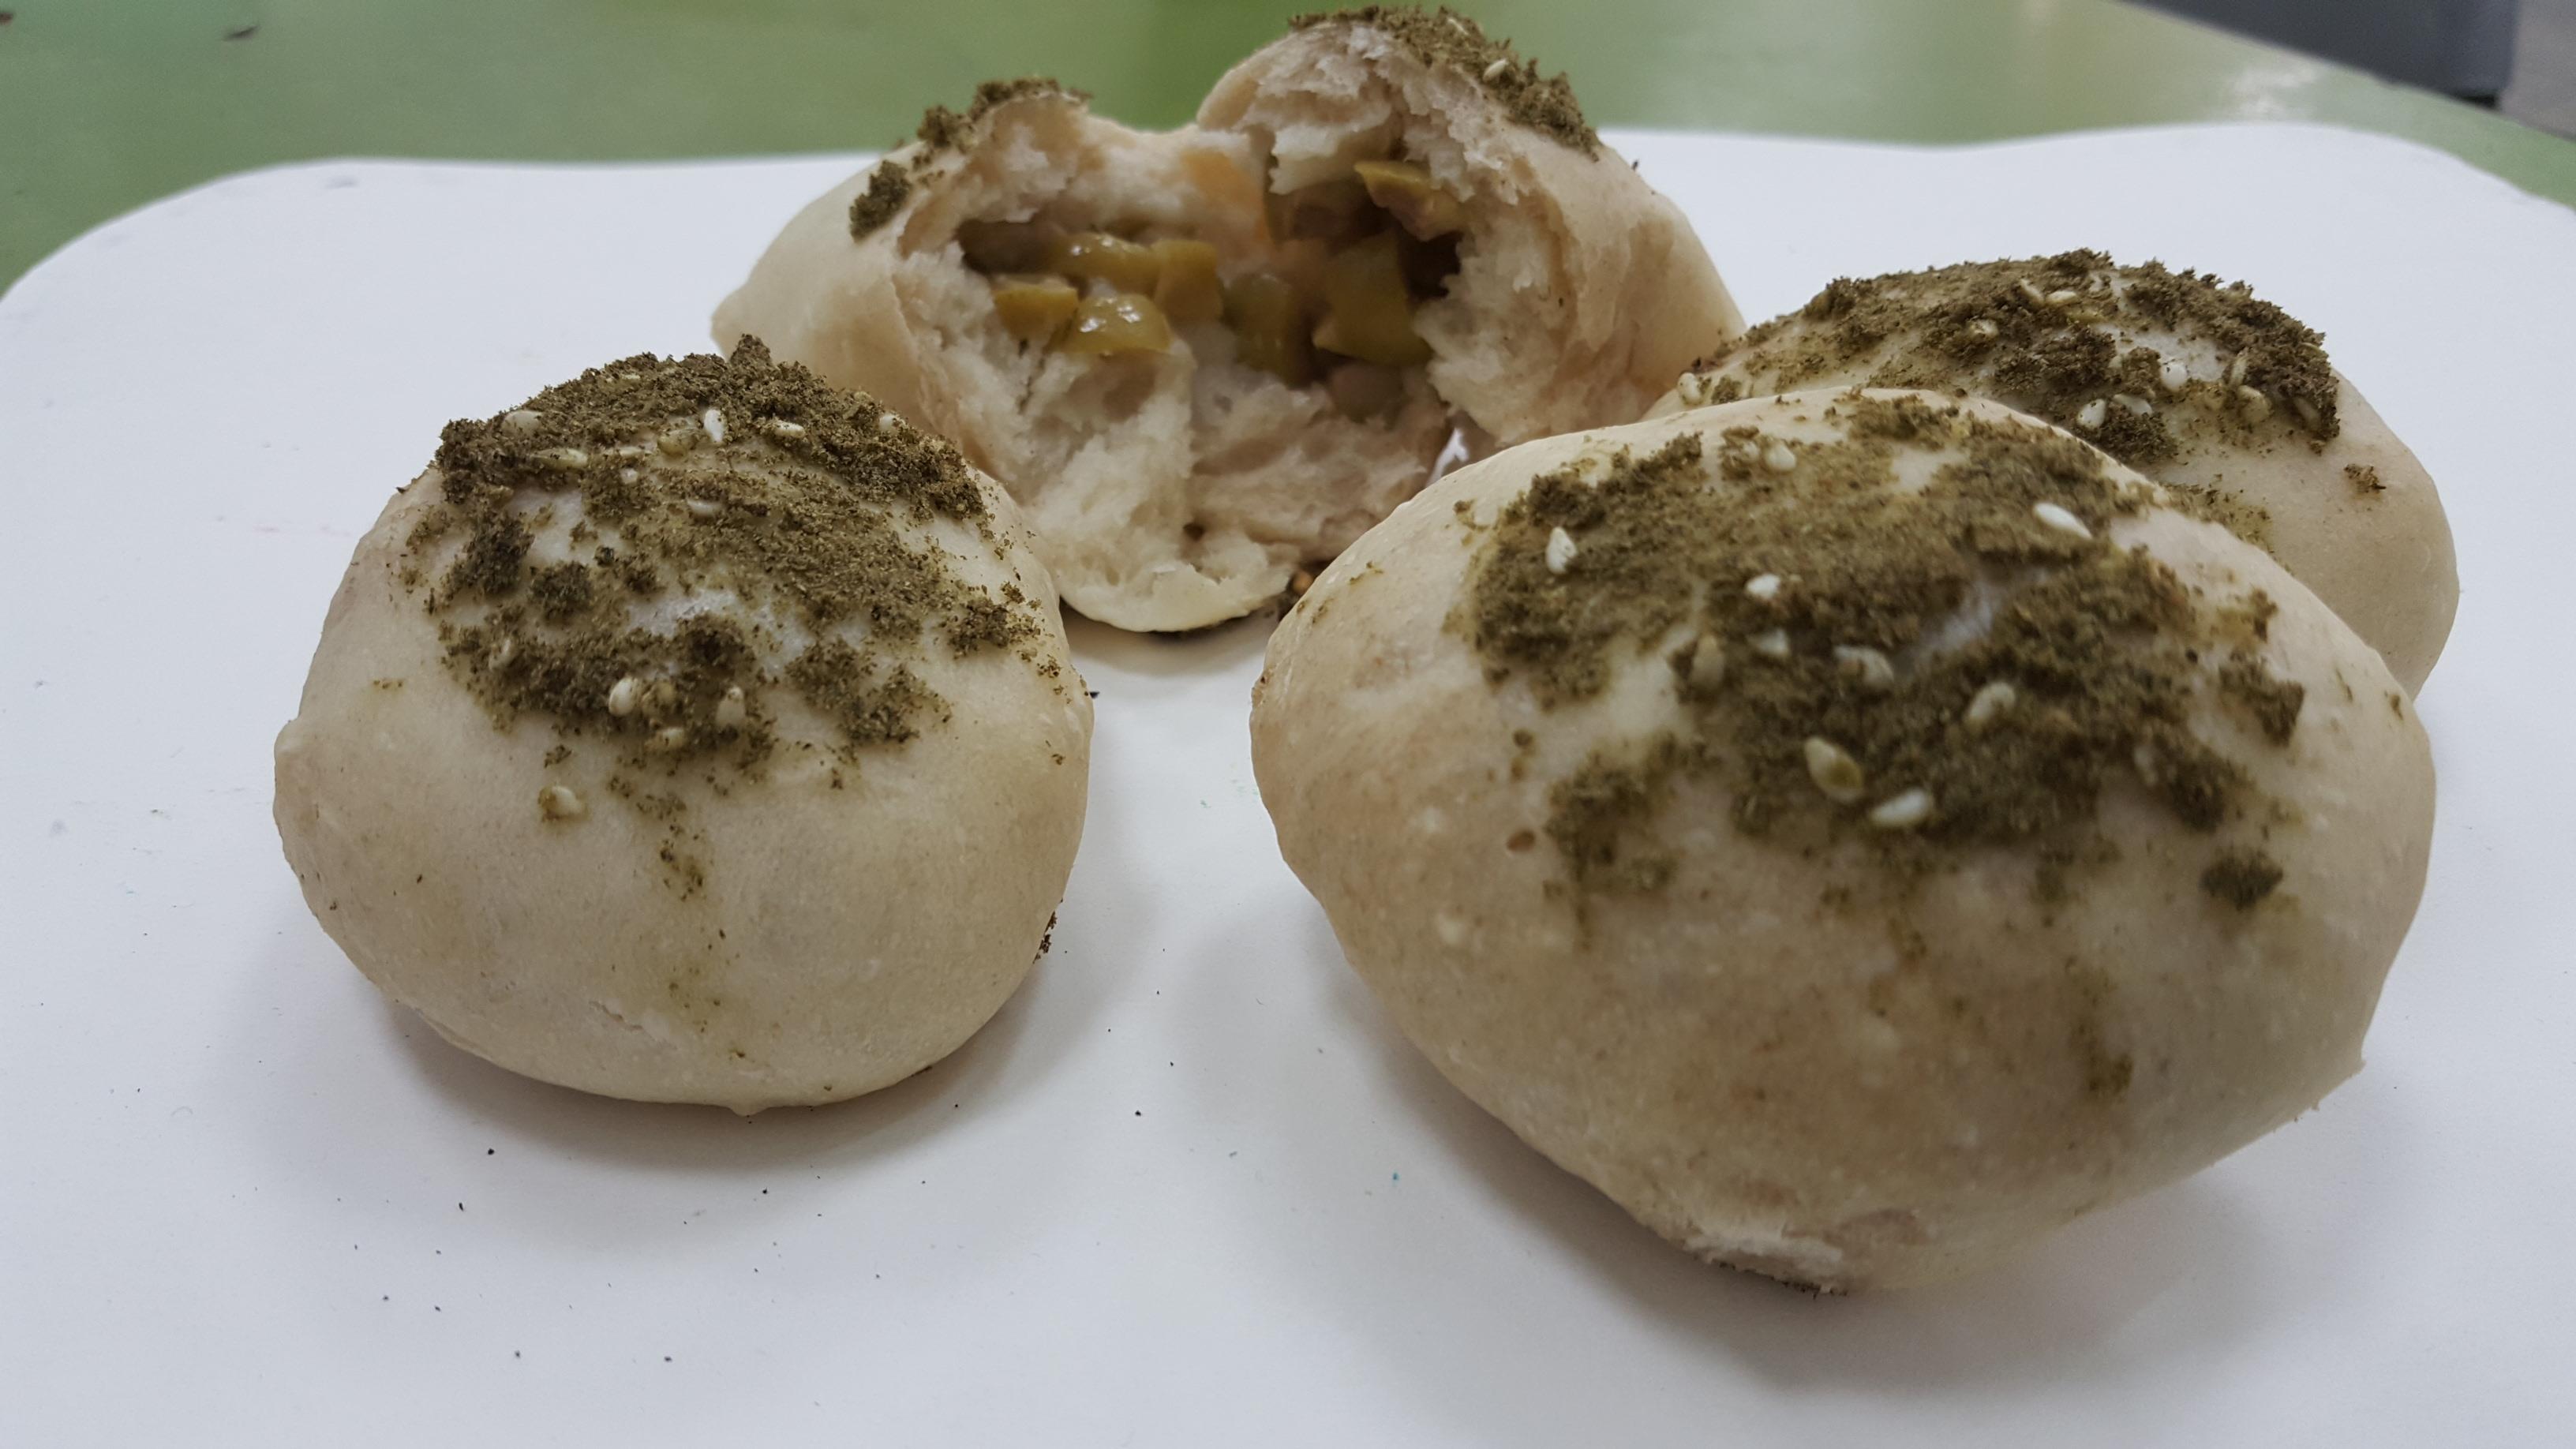 לחמניות כוסמין במילוי זיתים ירוקים ובציפוי זעתר